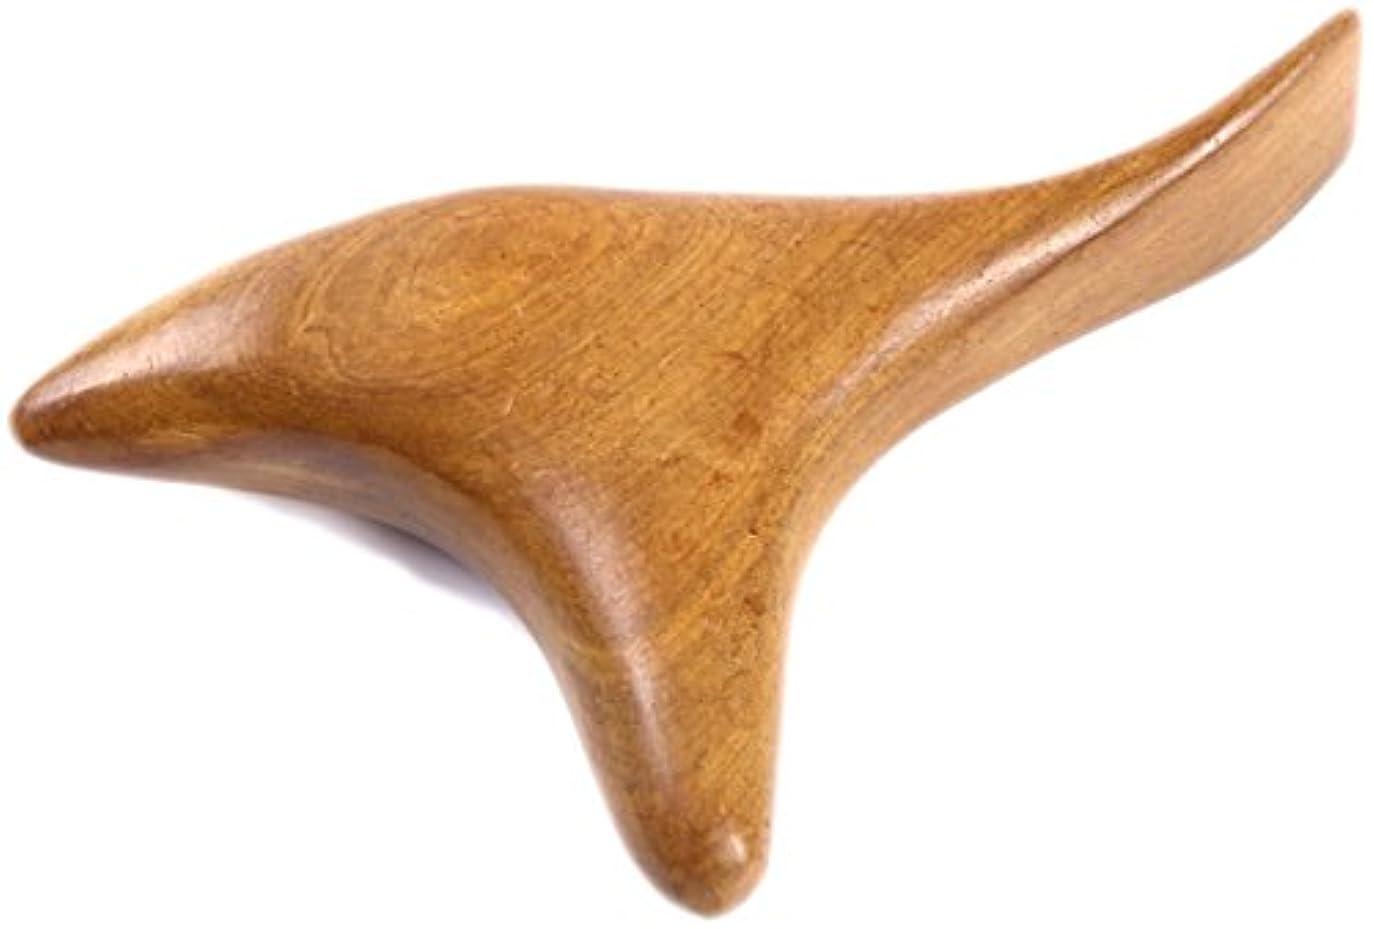 課税誰水曜日ツボ押し棒 持ちやすく押しやすい特殊な形の天然木マッサージ棒 足裏?足ツボを女性でも強く指圧?カーブがフィットする絶妙なツボ押しグッズ 自分でも夫婦でも 不思議な一本